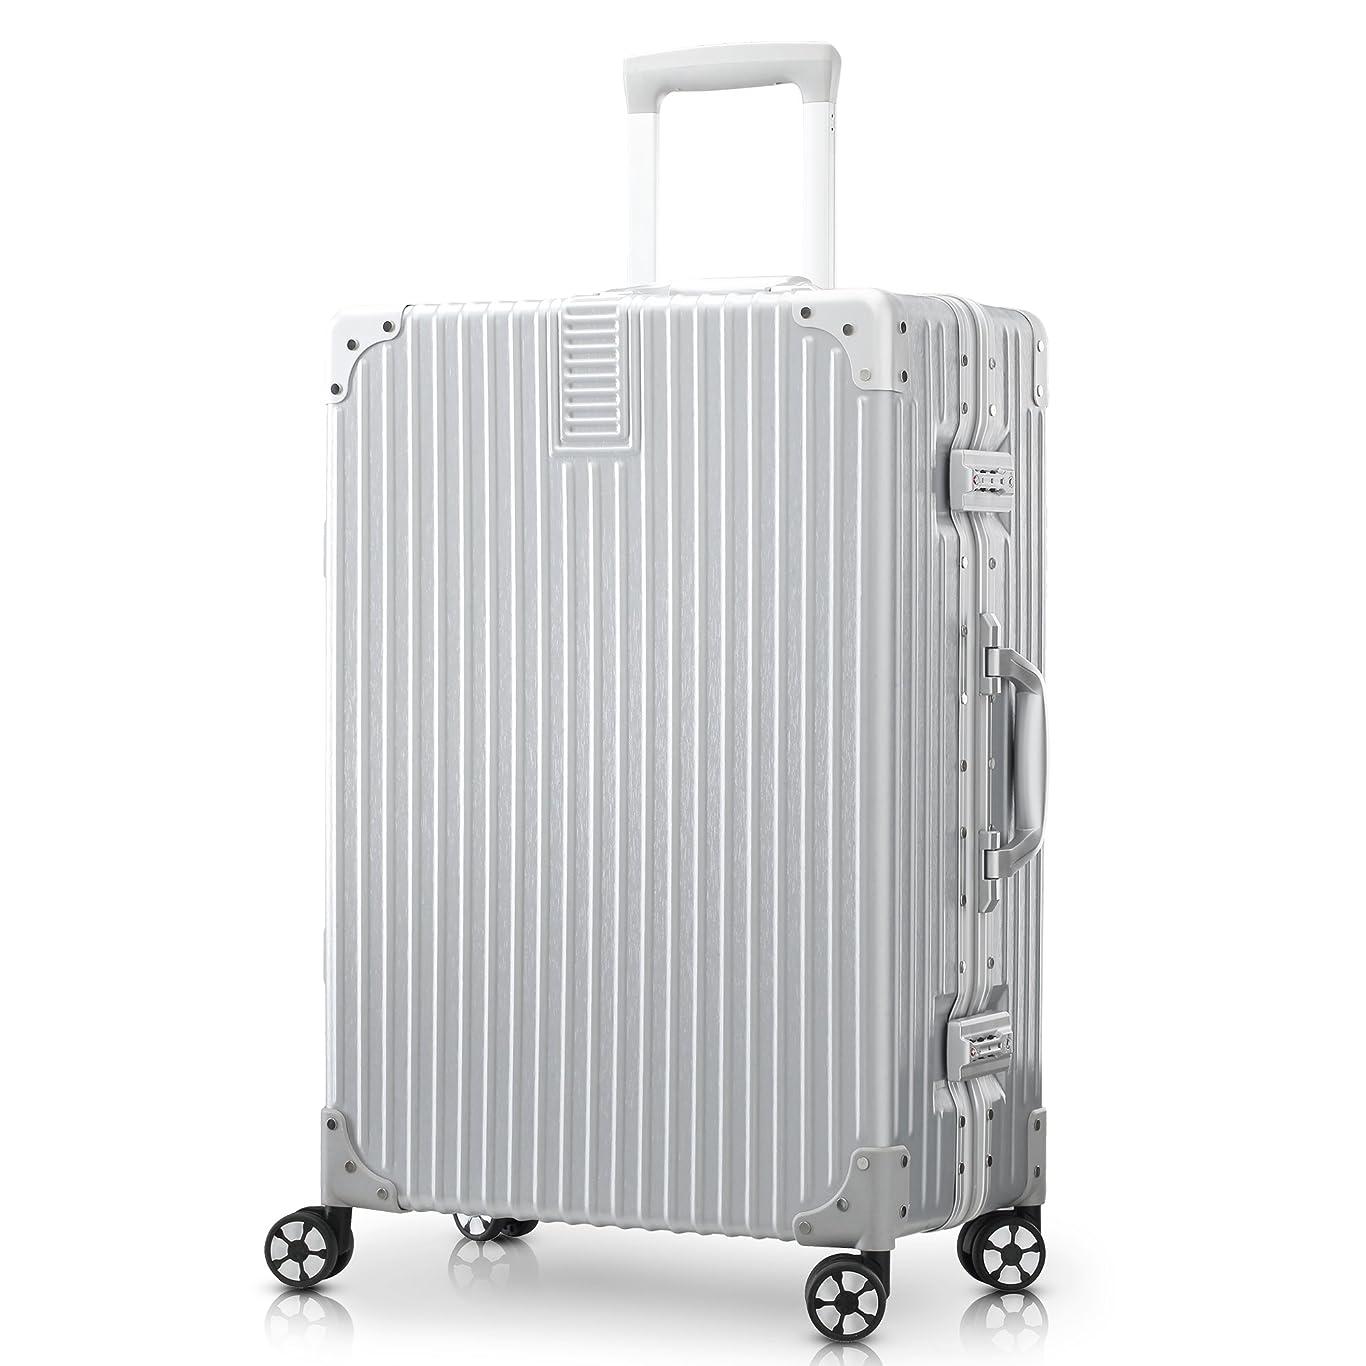 盆地パリティ芝生TABITORA(タビトラ) スーツケース キャリーケース アルミフレーム 大型 機内持込 レトロ 四角 静音 TSAロック 傷が目たちにくい 【安心一年】(2色5サイズ対応)